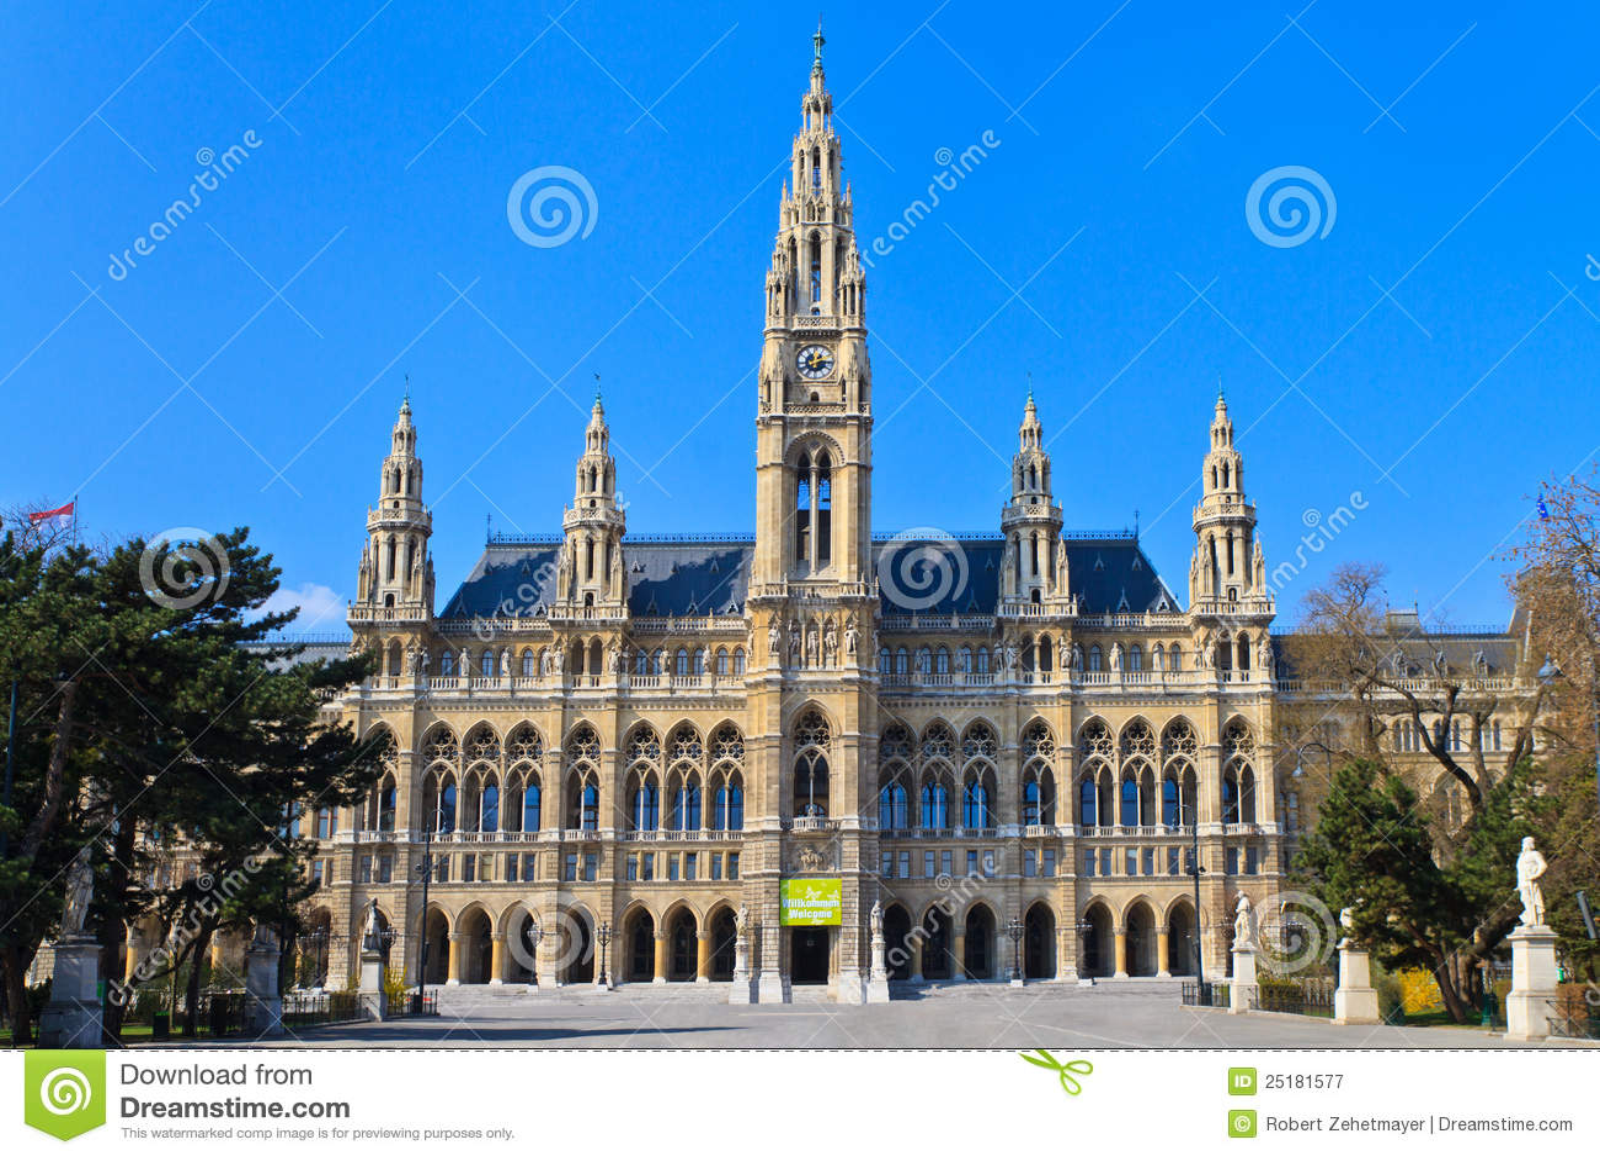 Ville hôtel de Vienne (Rathaus)